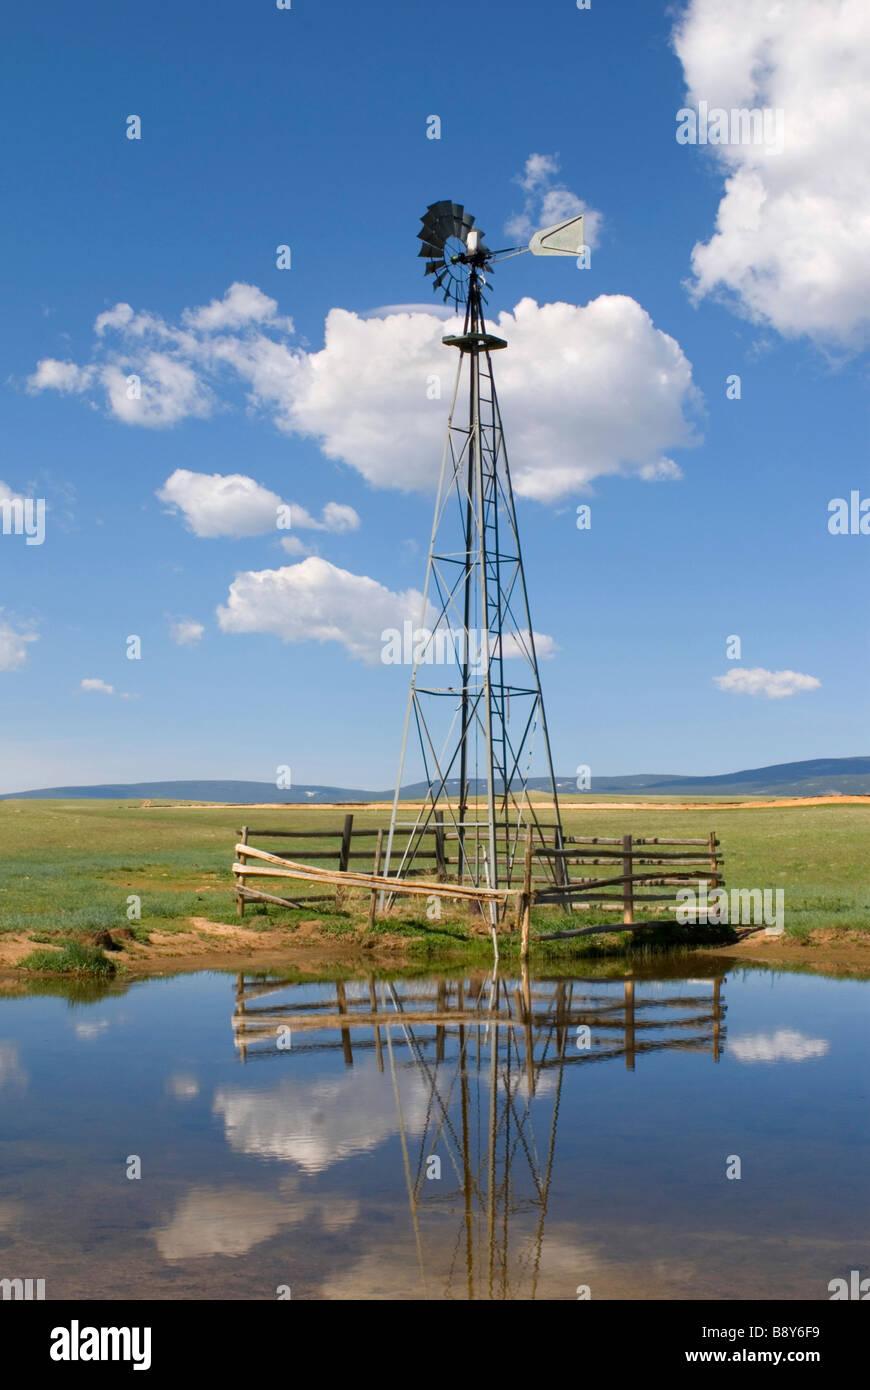 Reflet d'un moulin à eau, Wyoming, USA Banque D'Images